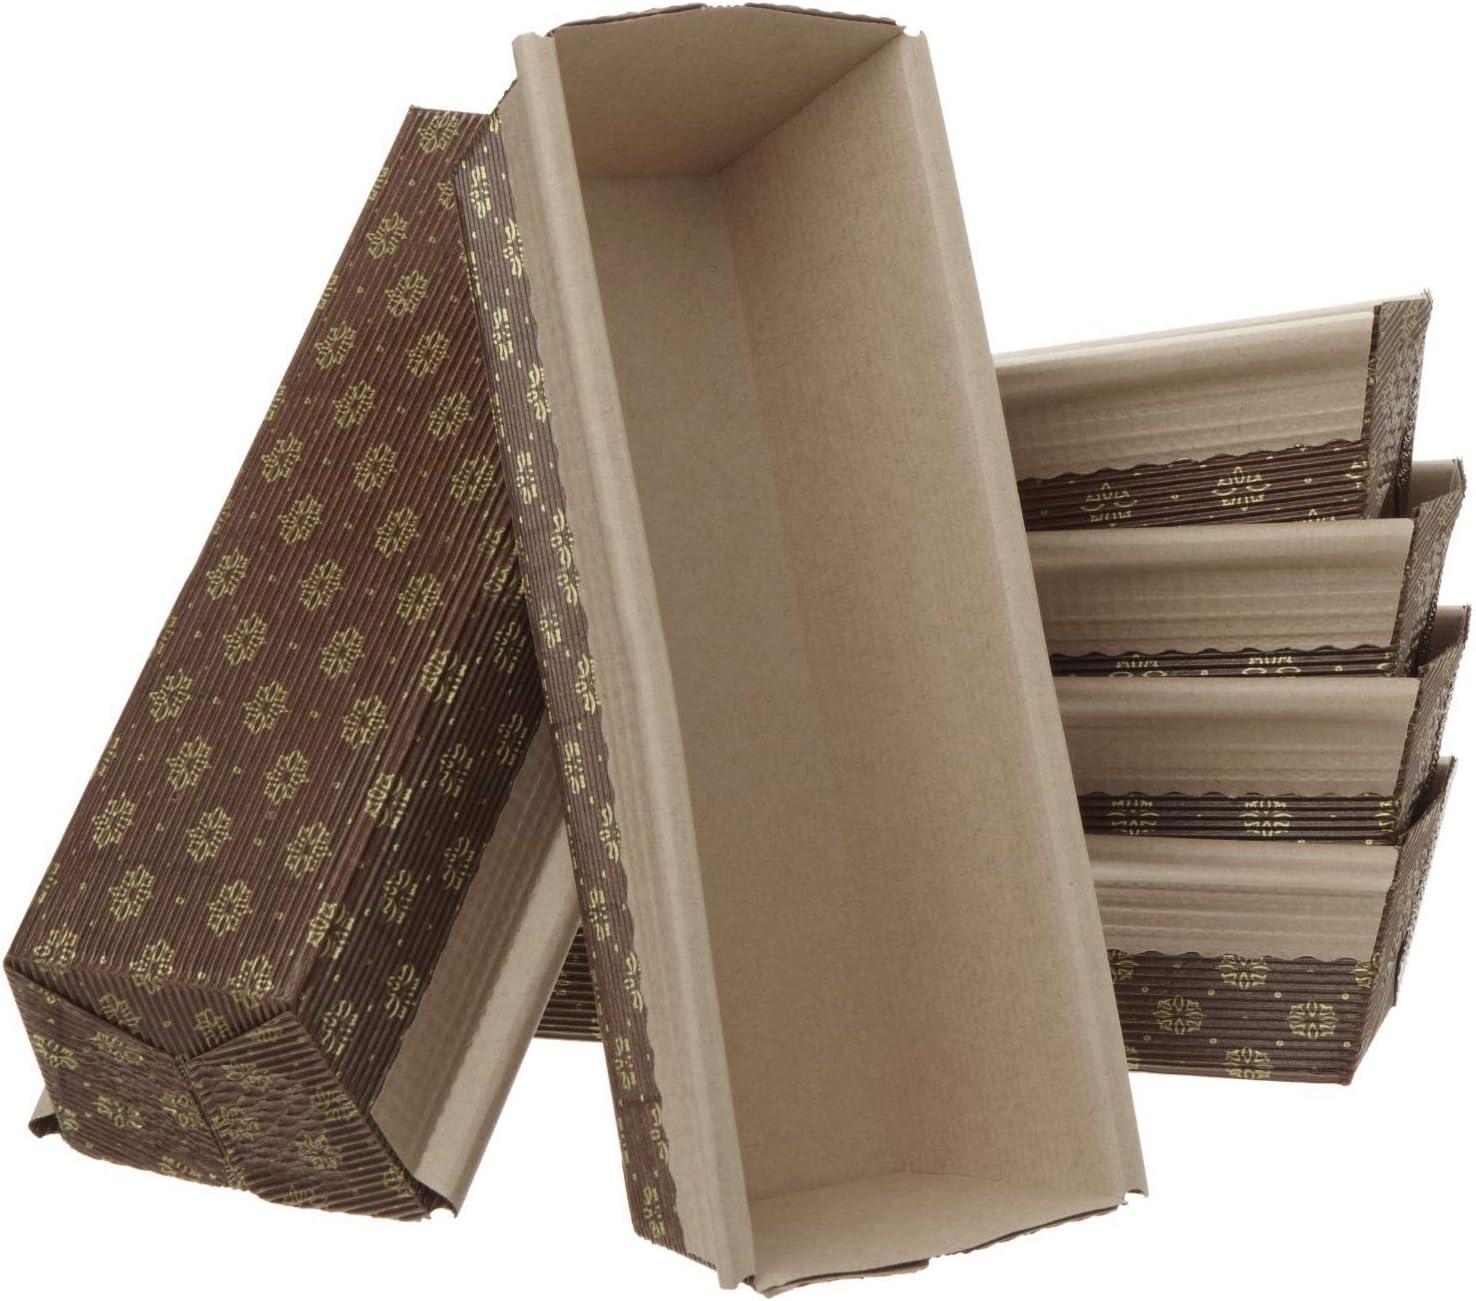 25, 7.75 x 2.5 x 1.8 Medium Loaf Pan 25pk Italian Paper Bakers